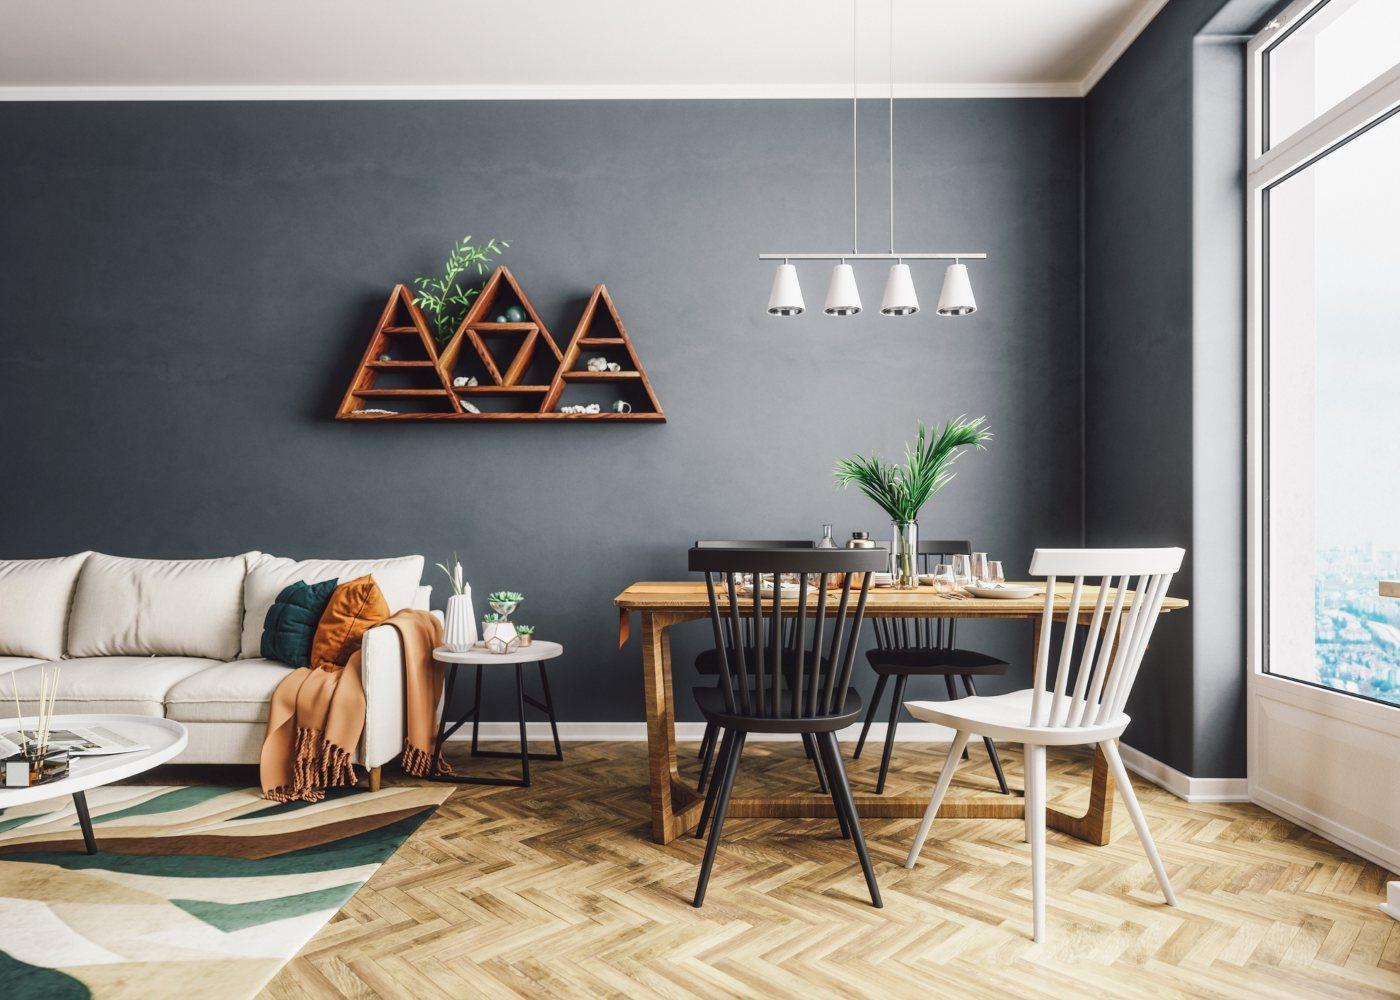 sala de estar e jantar decorada de forma simples